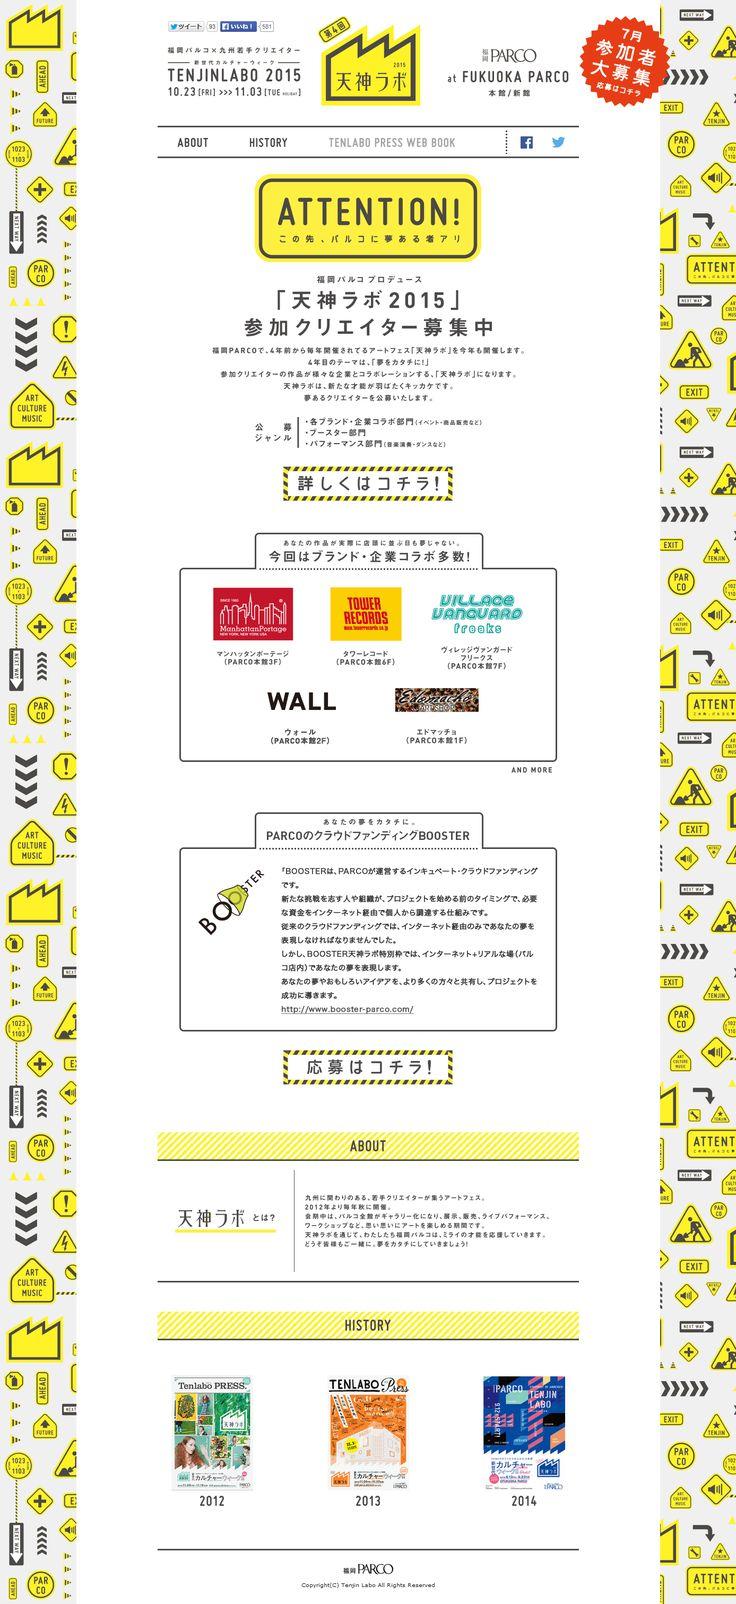 http://fukuoka.parco.jp/web/tenjinlabo/